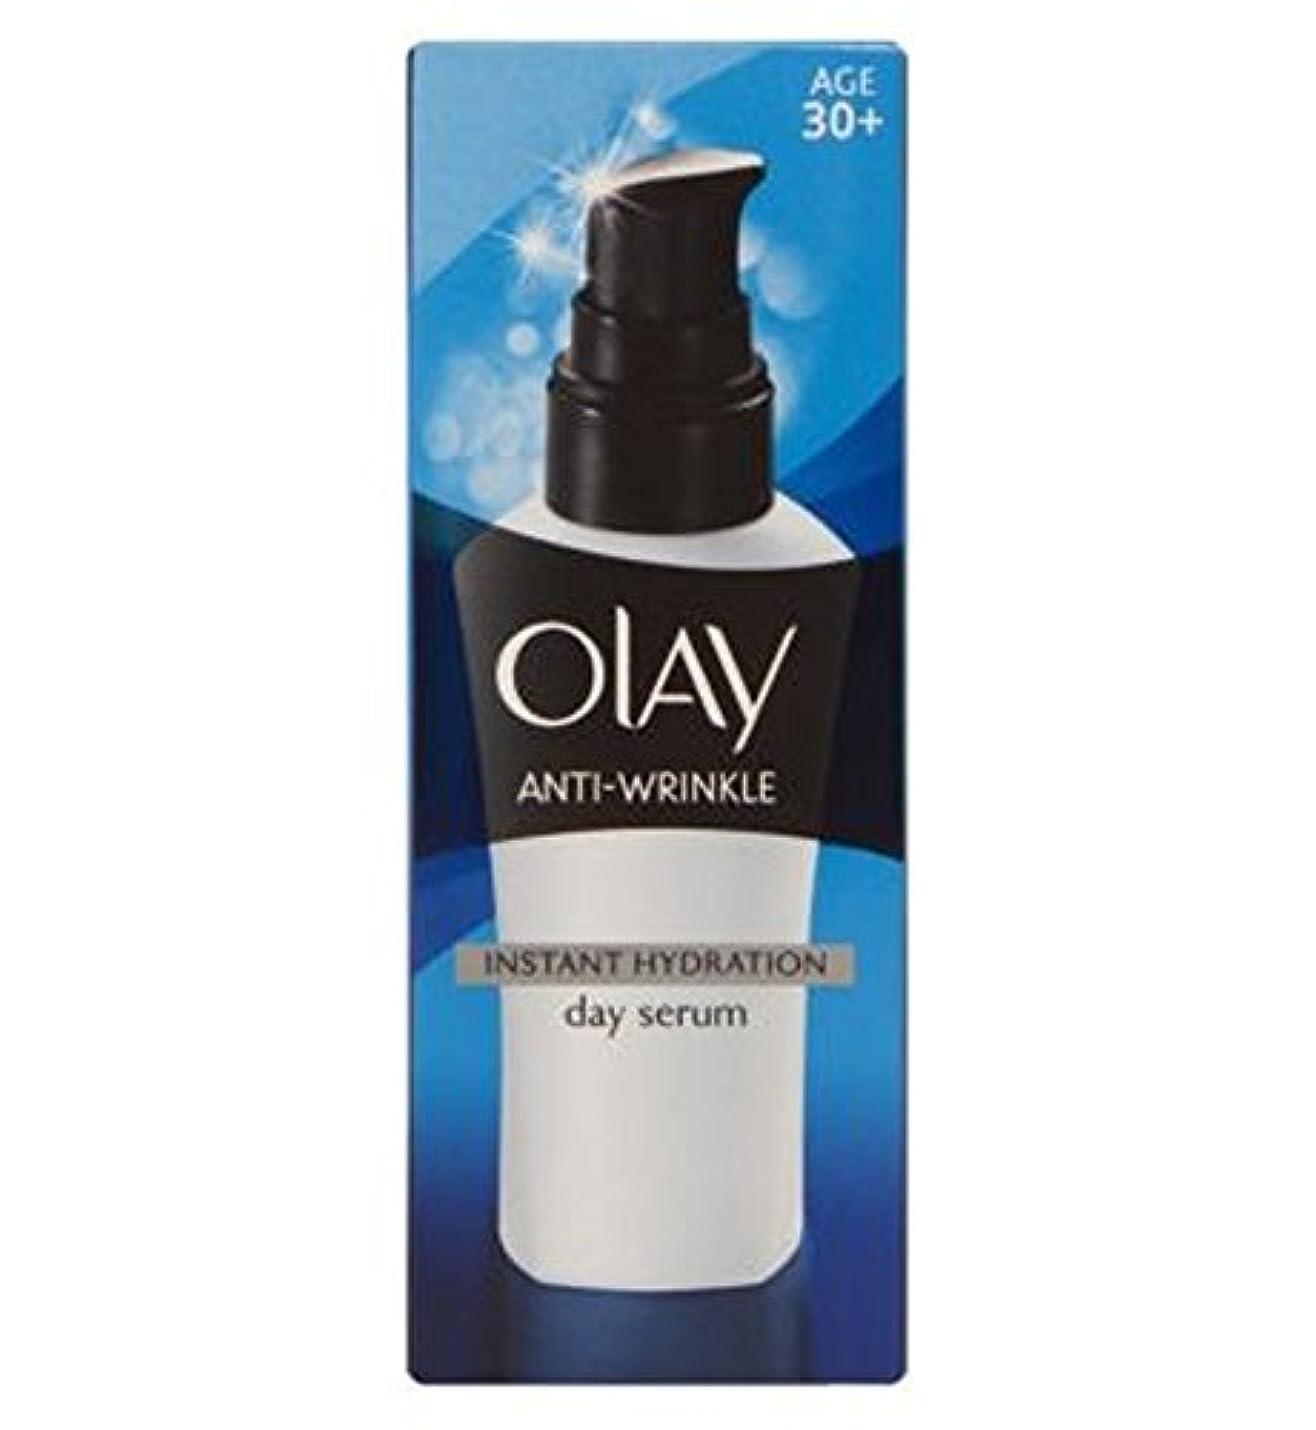 フライト彼女は助手Olay Anti-Wrinkle Instant Hydration Moisturiser Day Serum 50ml - オーレイ抗しわインスタントハイドレーションモイスチャライザー日血清50ミリリットル (Olay) [並行輸入品]